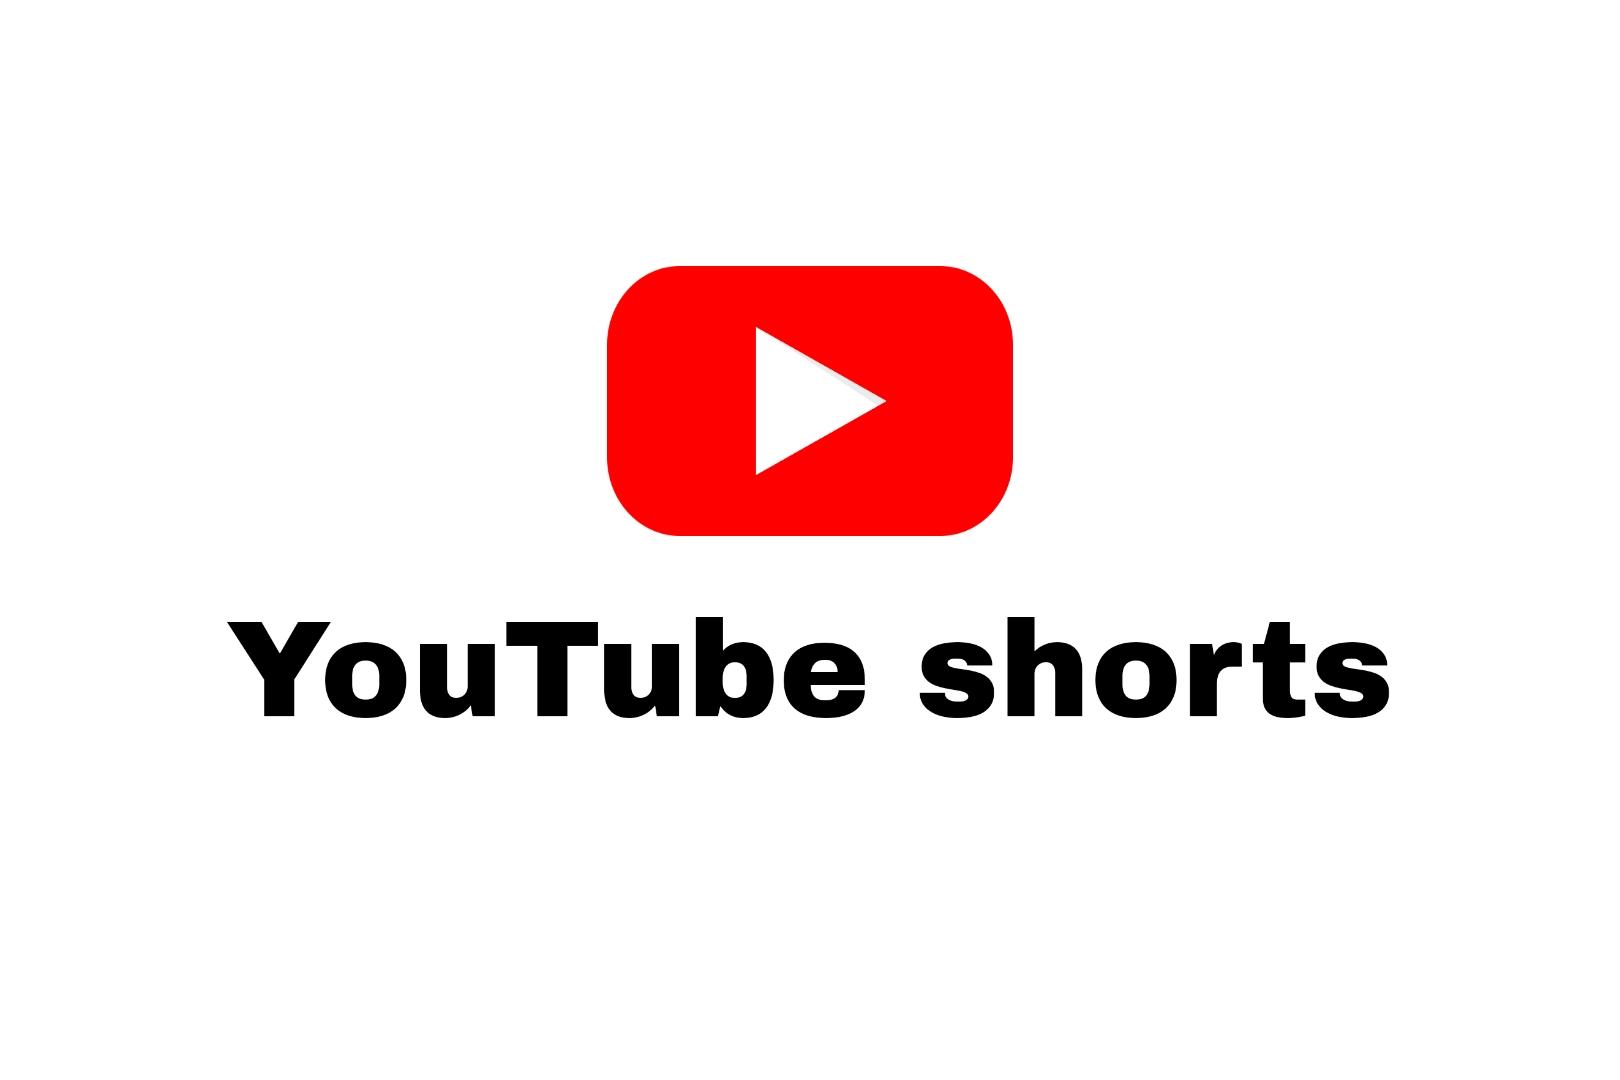 Tiktok alternative : YouTube shorts